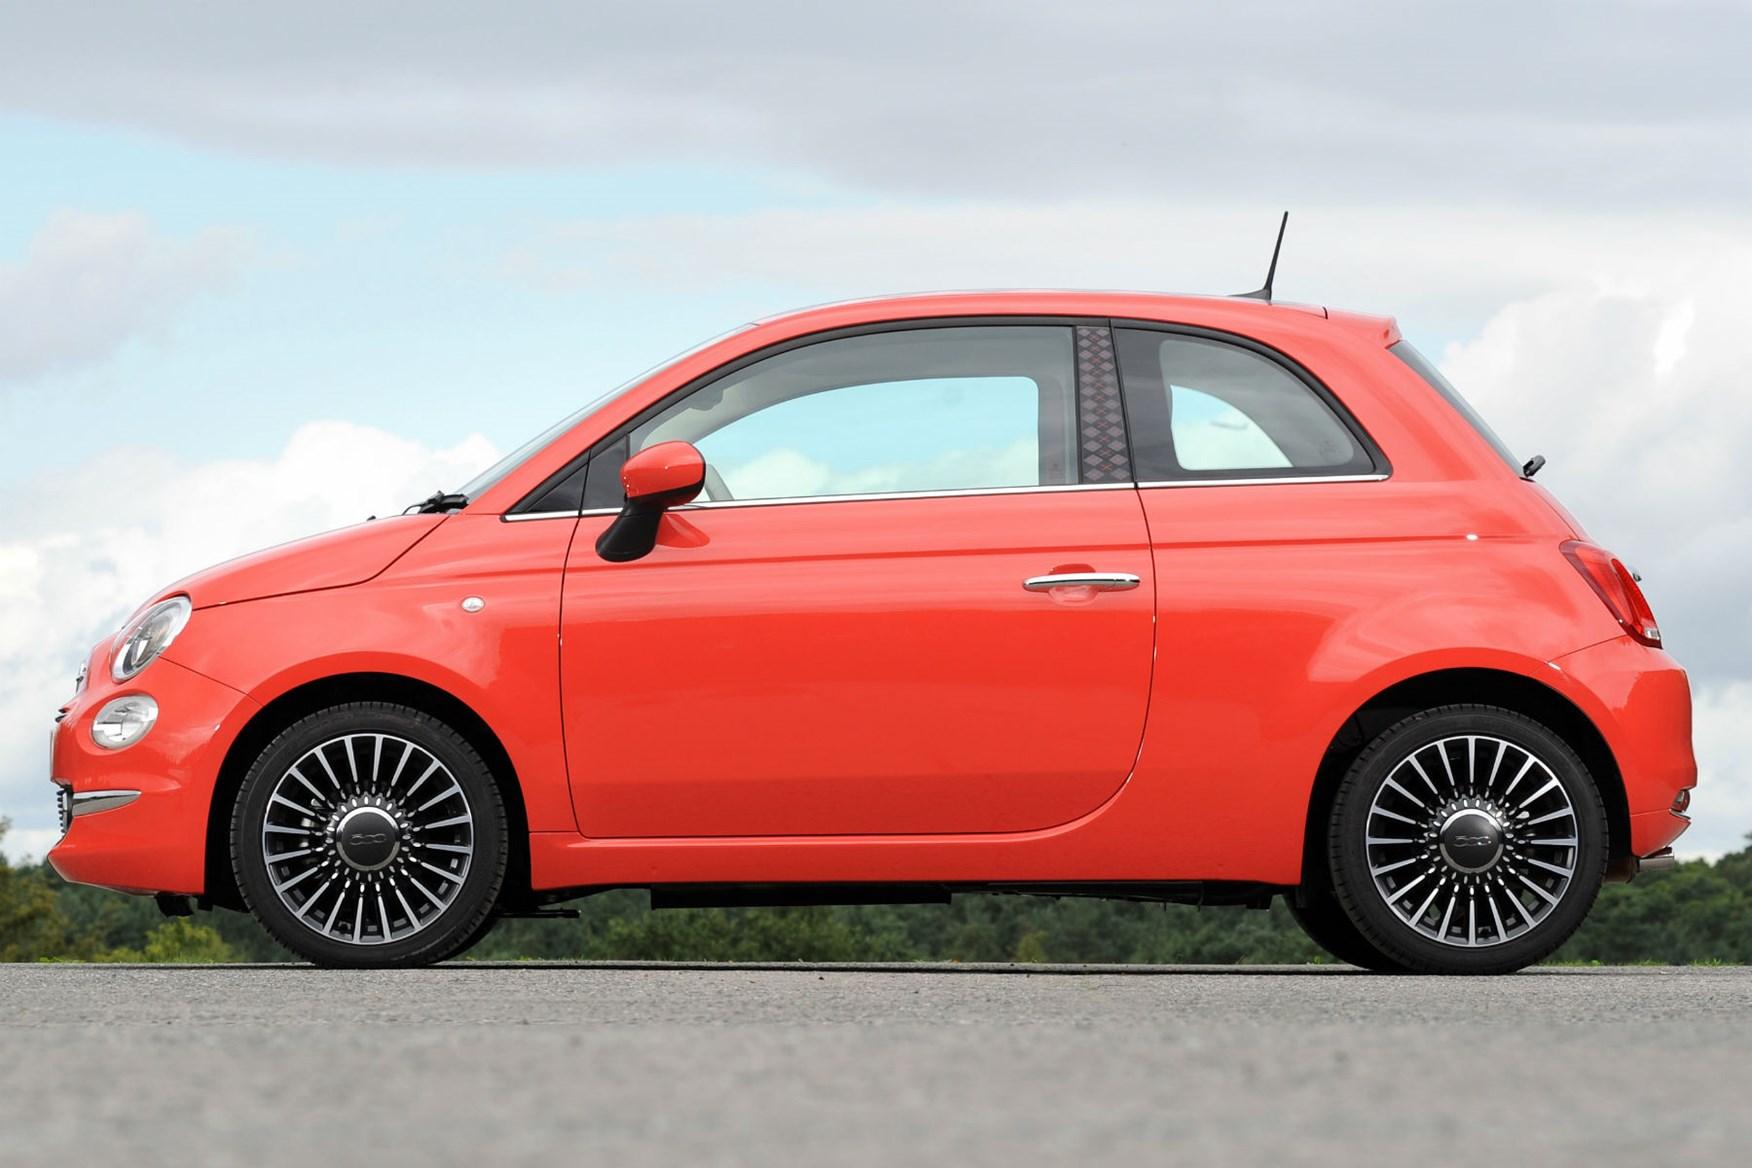 Fiat 500 £100 per month